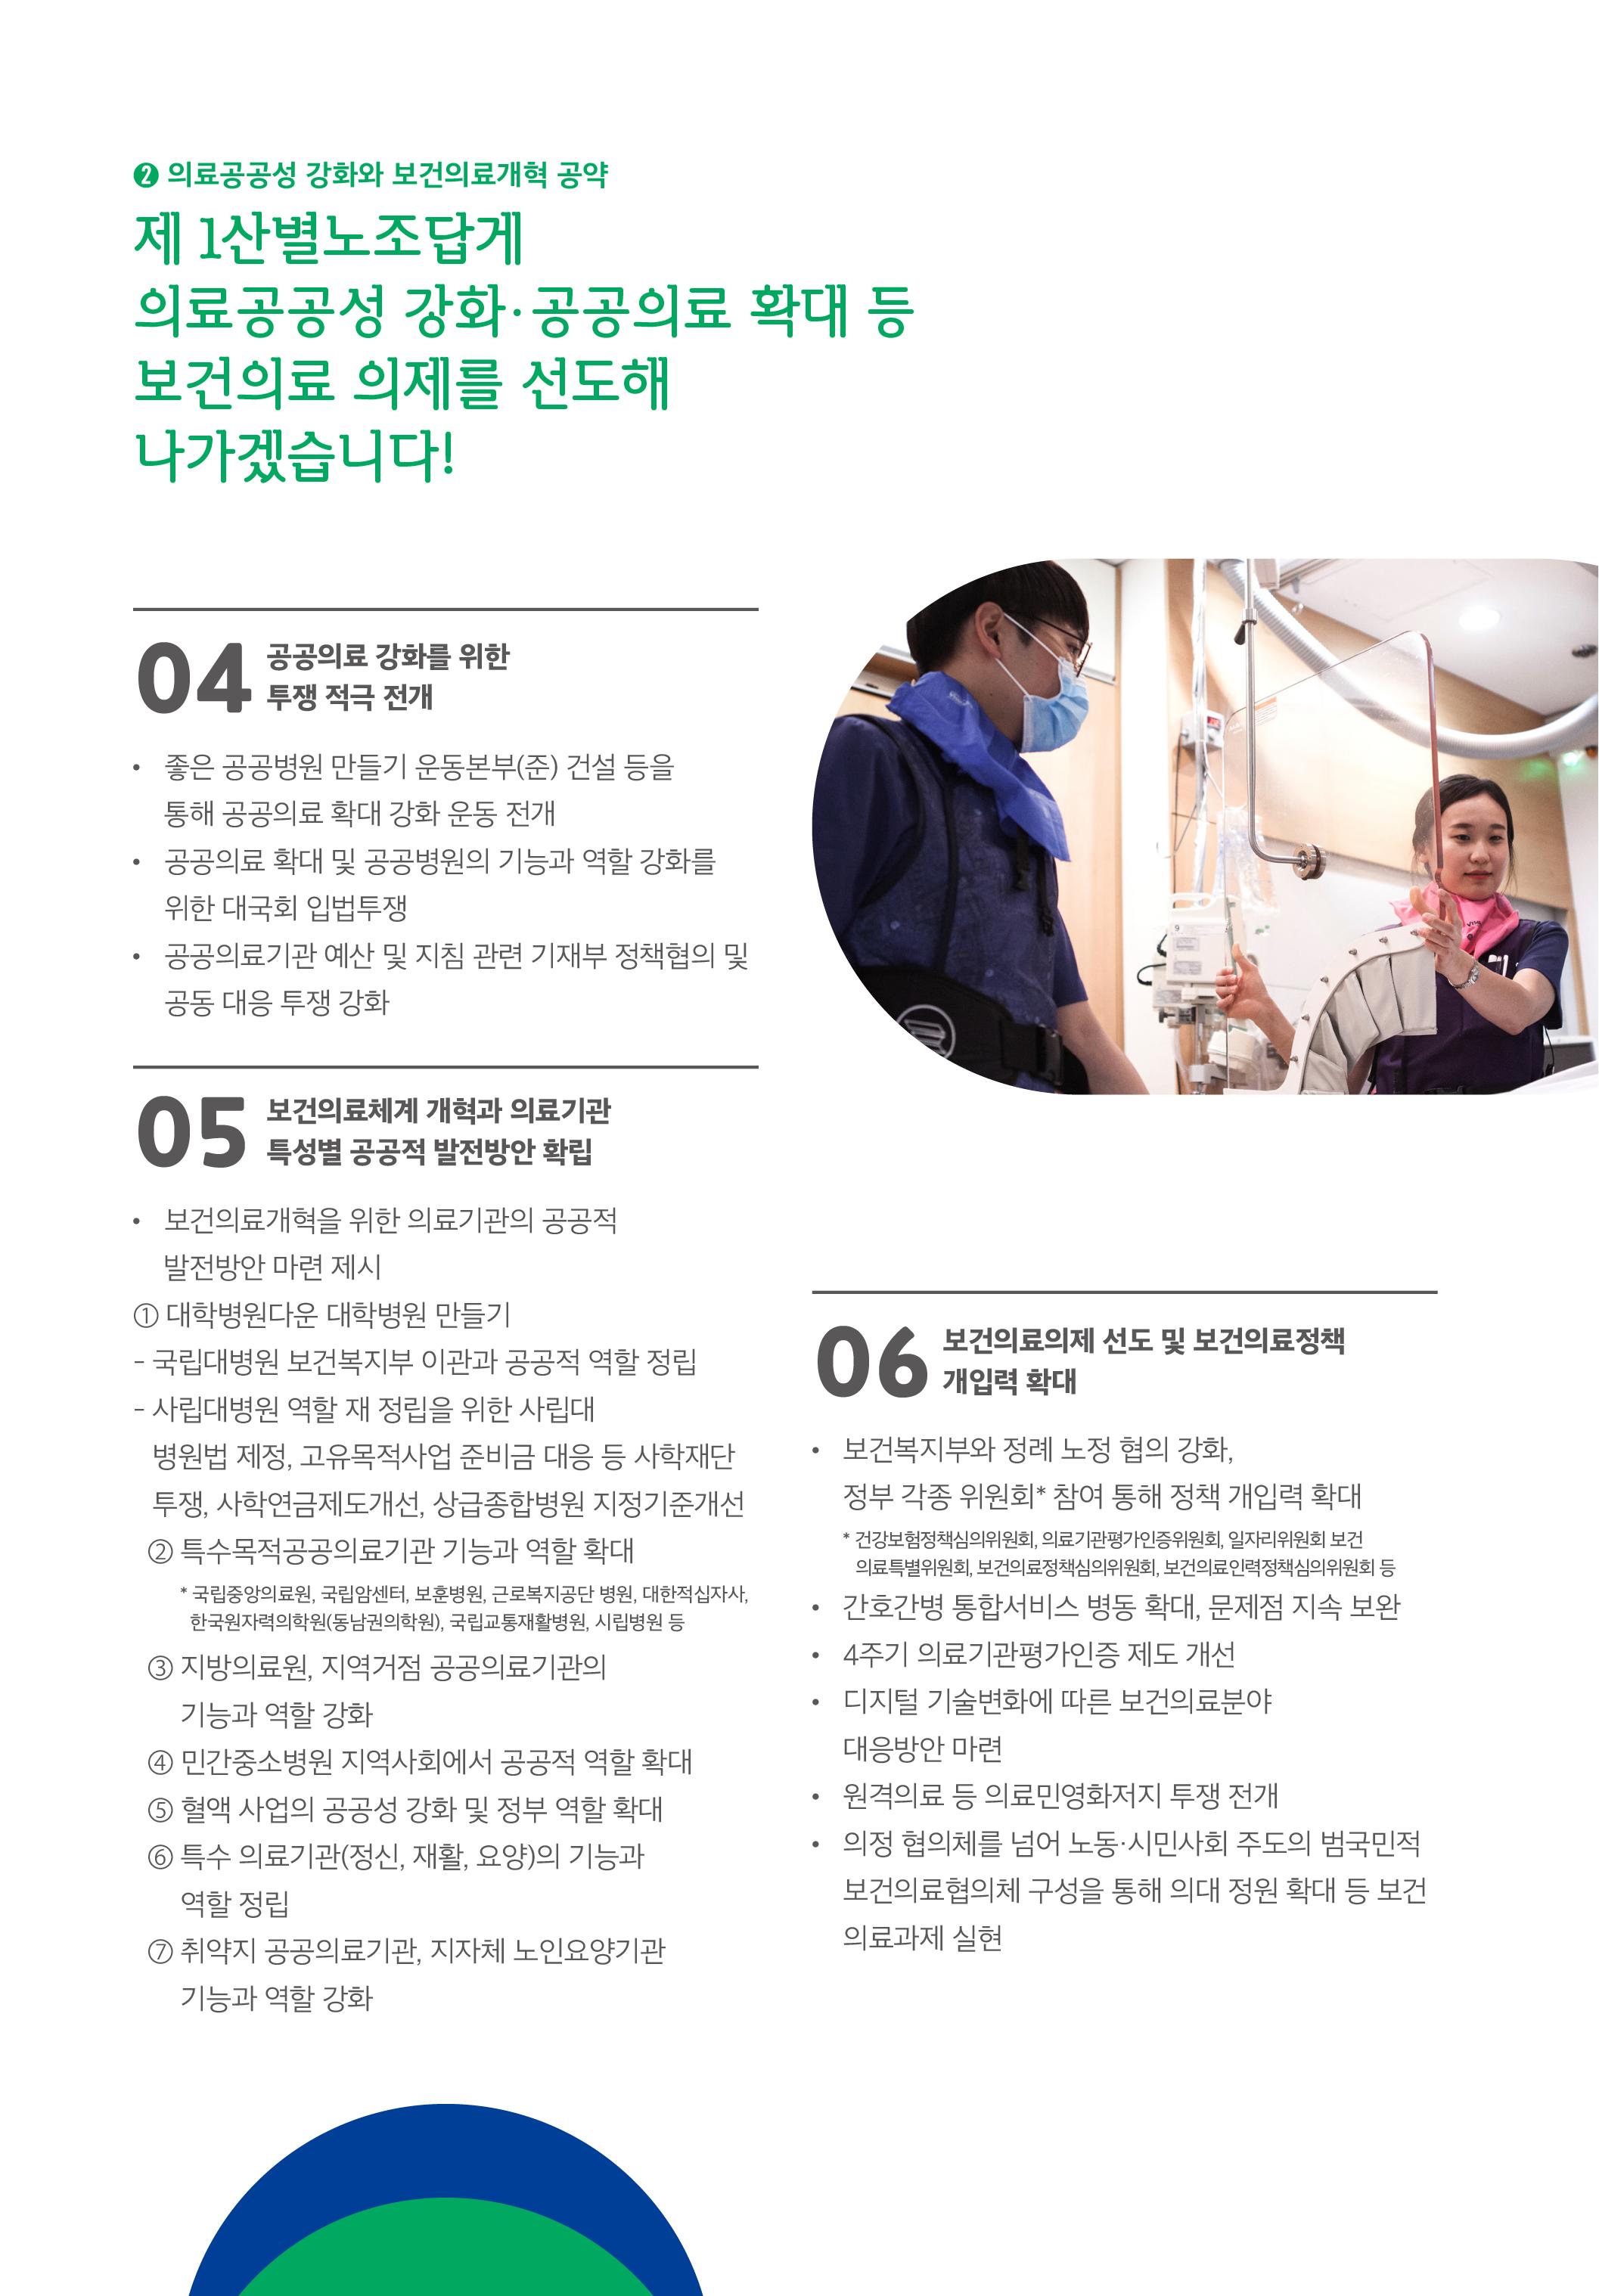 9기임원선거_공약-02.png